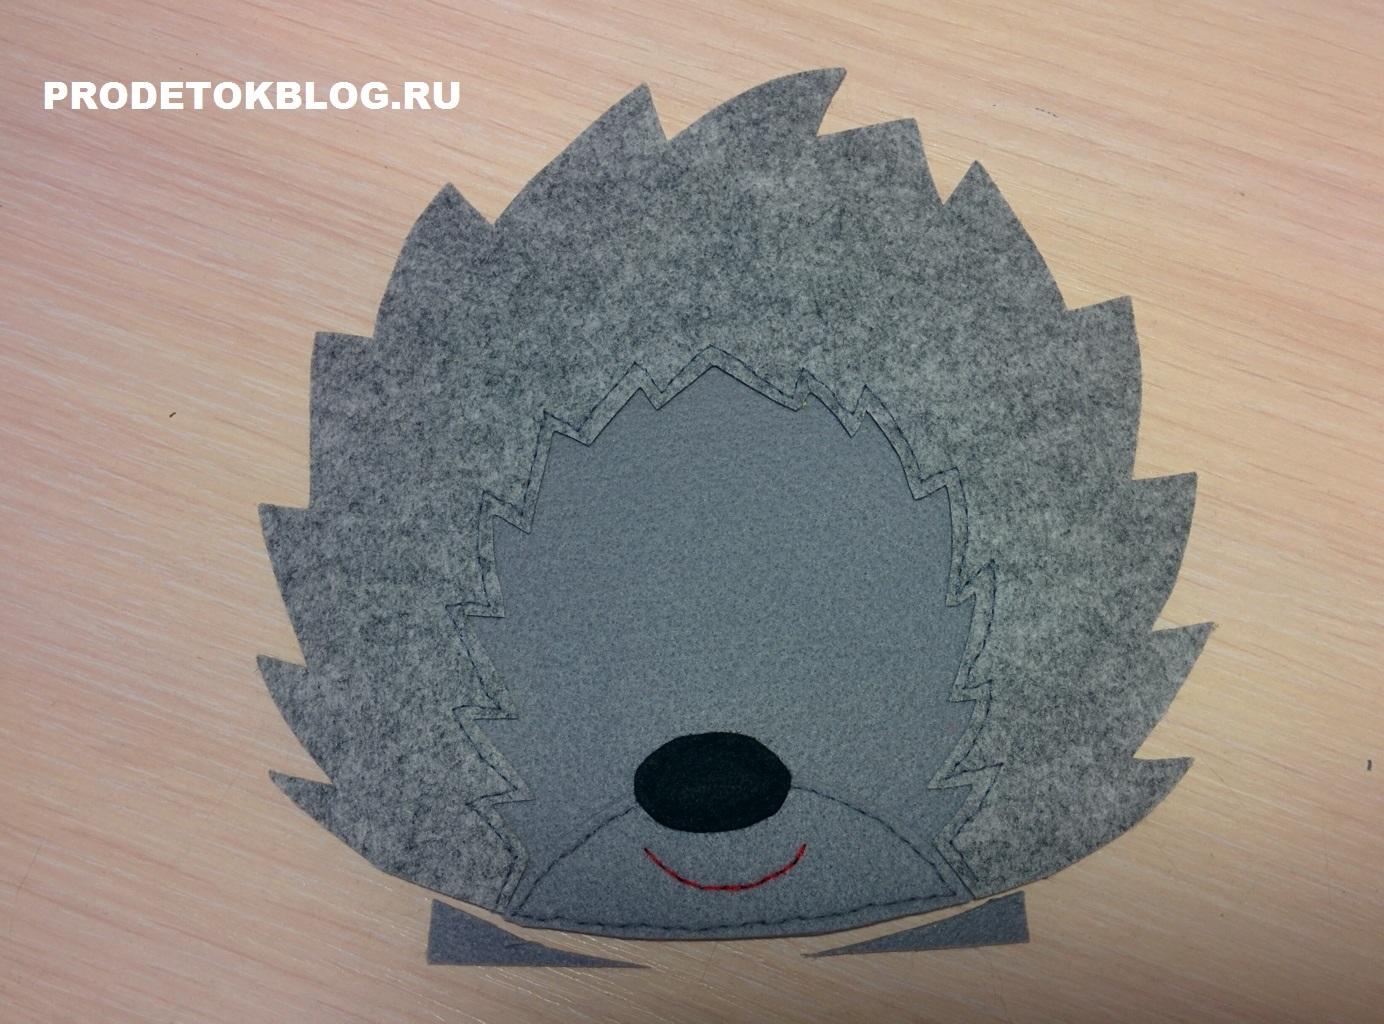 Как сделать маску ежика для маскарада своими руками? 10